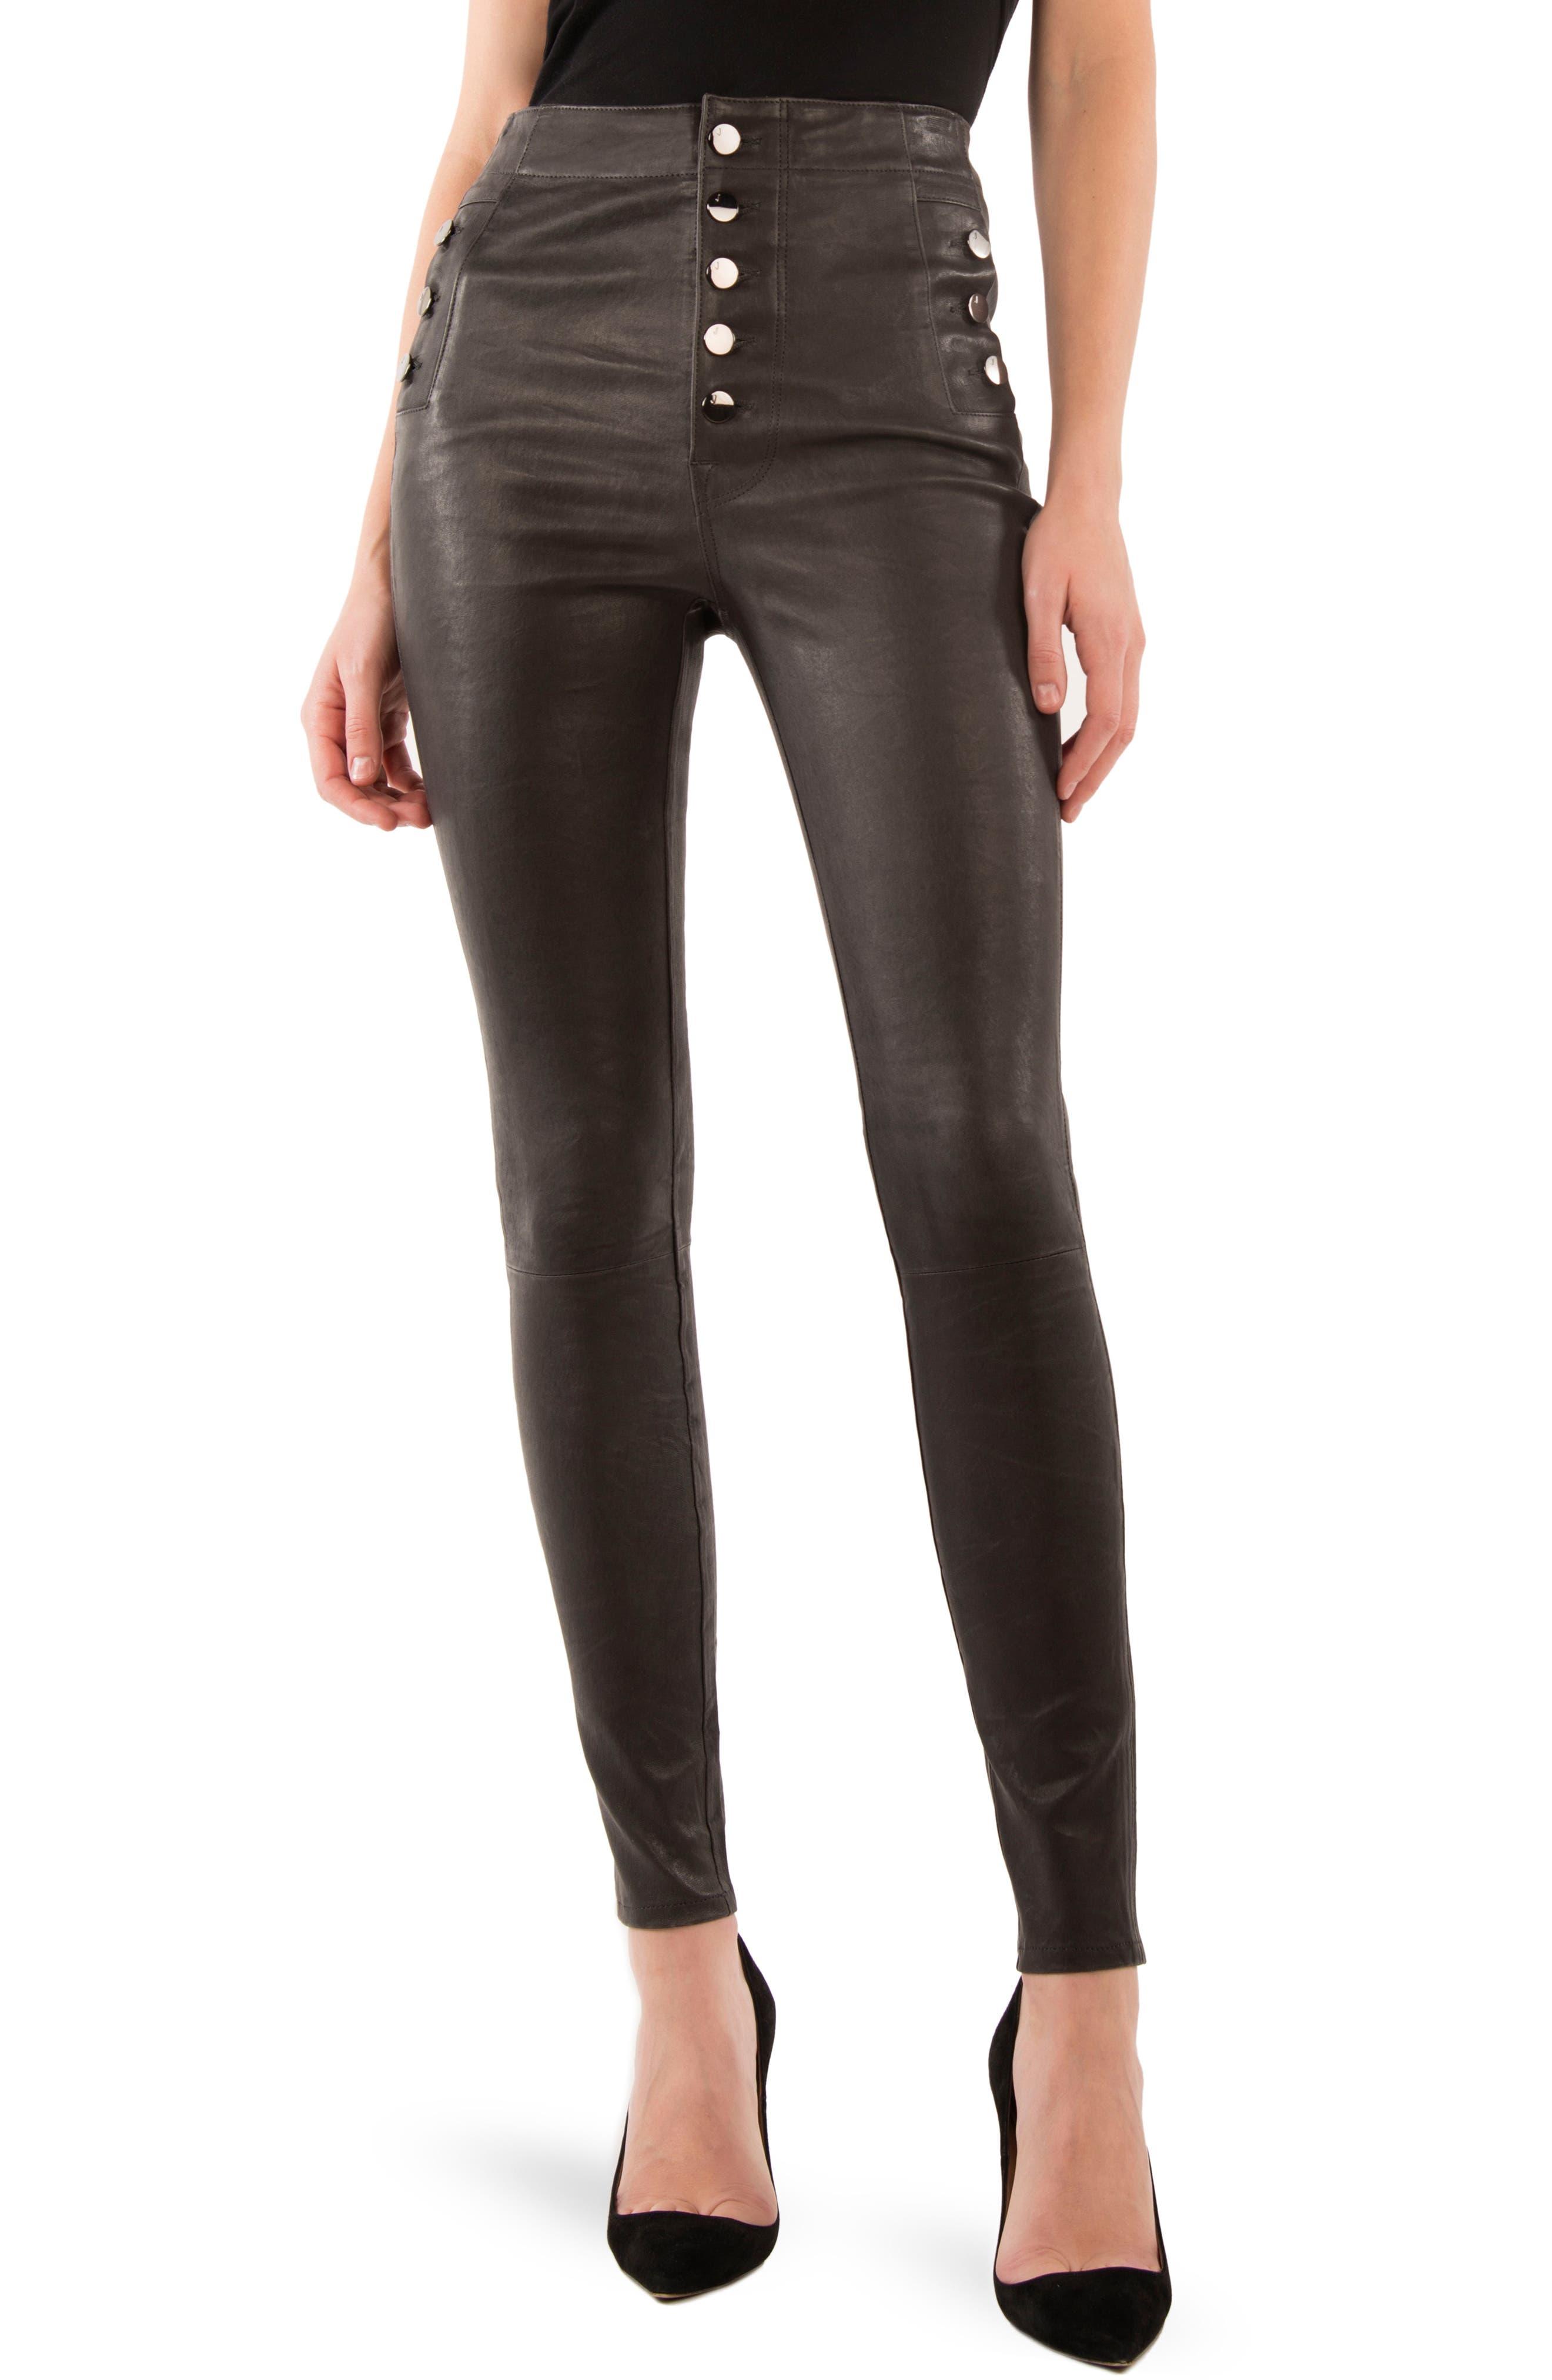 Natasha High Waist Skinny Leather Pants,                             Main thumbnail 1, color,                             Dark Platinum